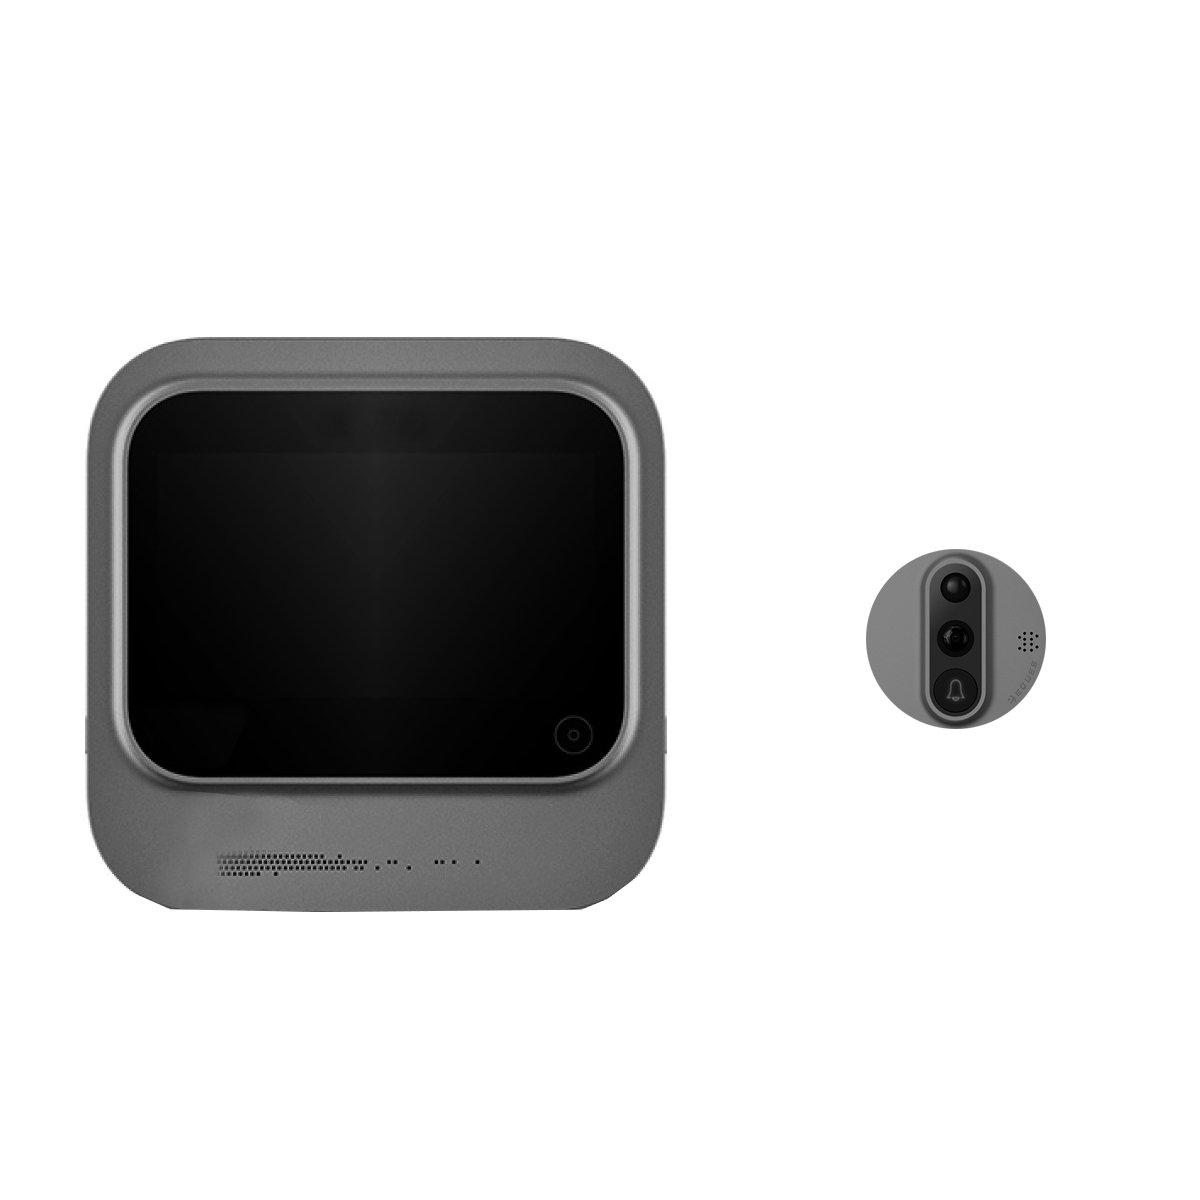 Mirilla de puerta Digital Wi-Fi con pantalla táctil y vídeo interfono Eques R26 veiu: Amazon.es: Bricolaje y herramientas